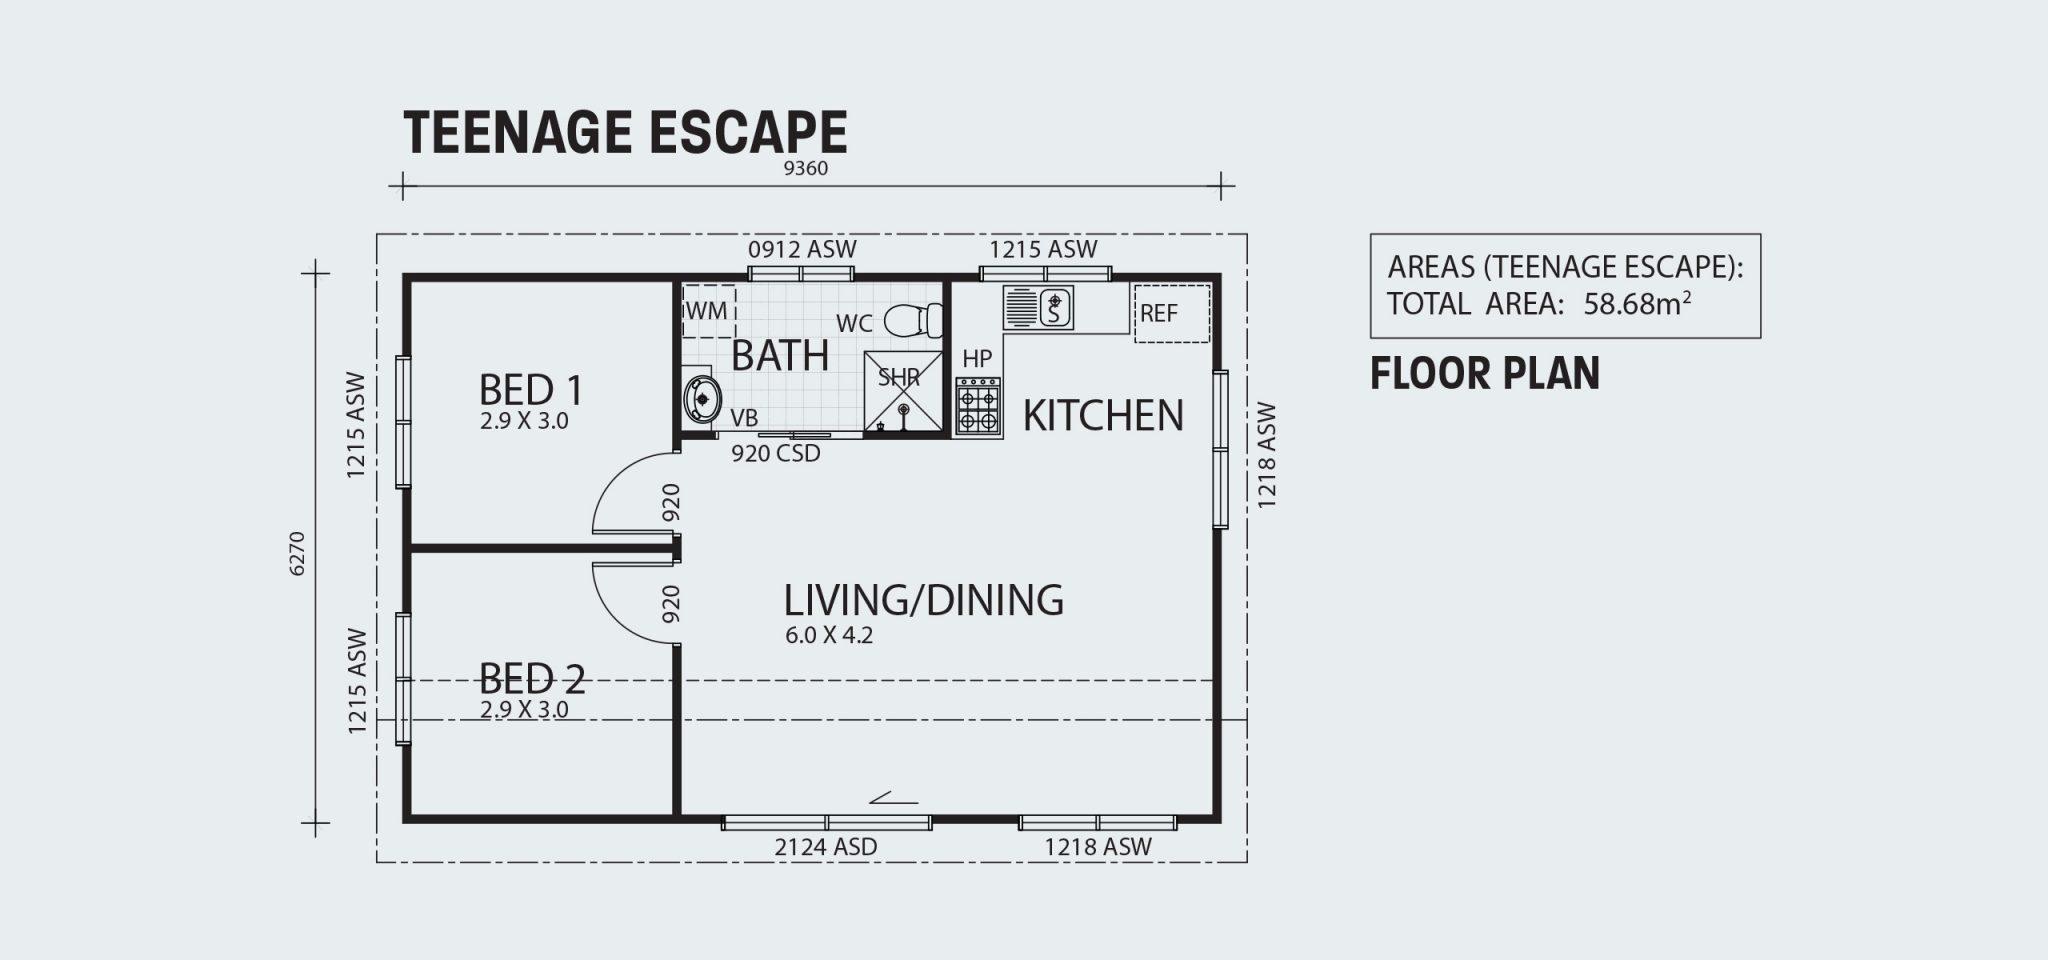 Teenage Escape R58 Floorplan